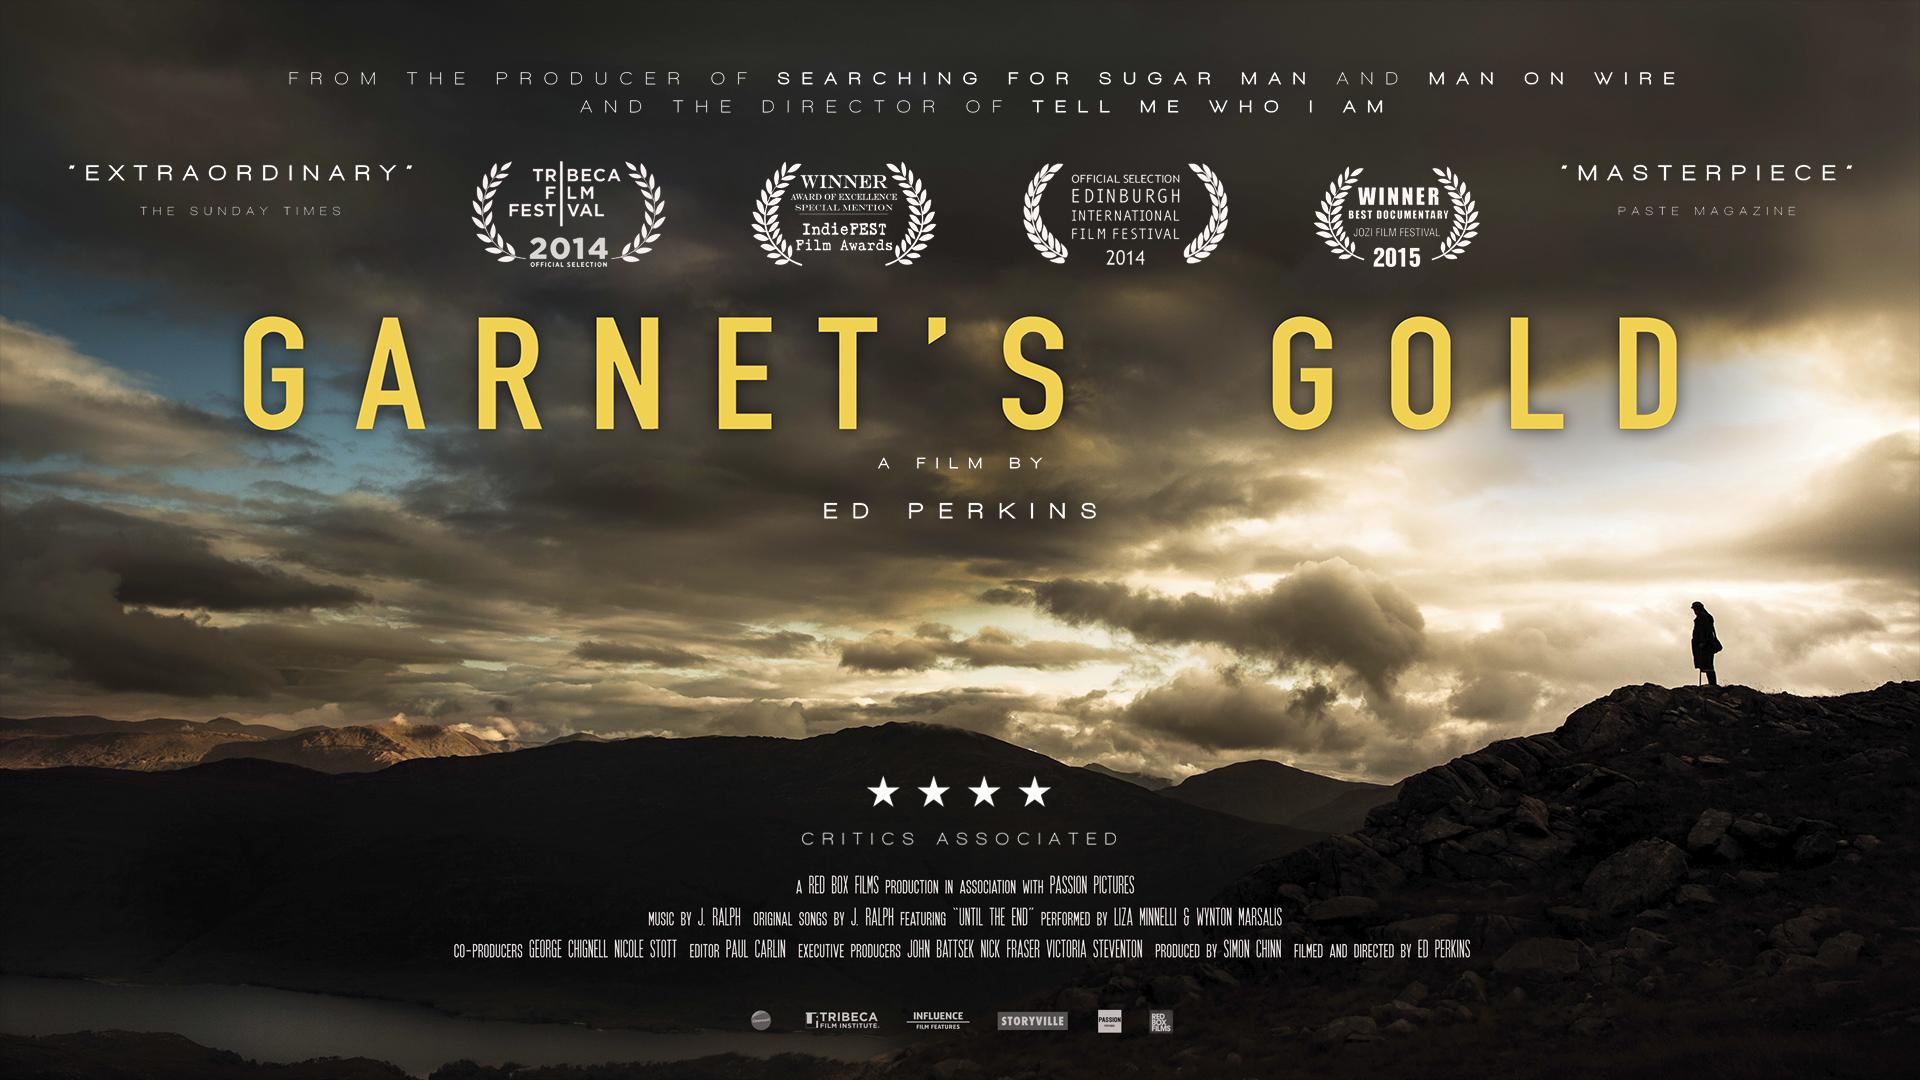 Garnet's Gold